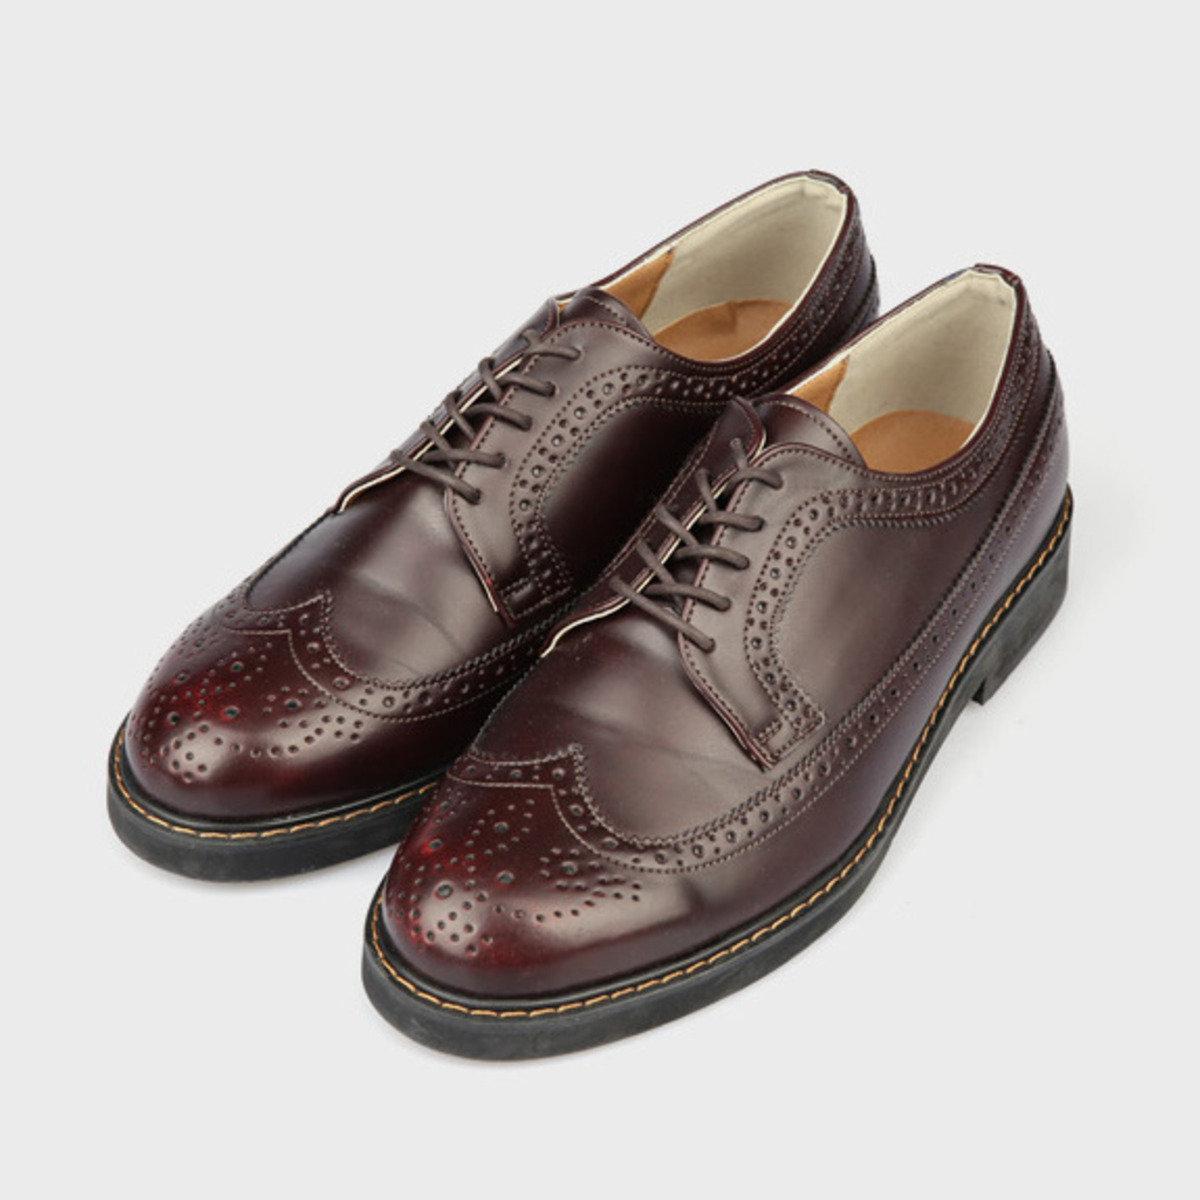 時尚翼紋牛津皮鞋_SH4_160129220